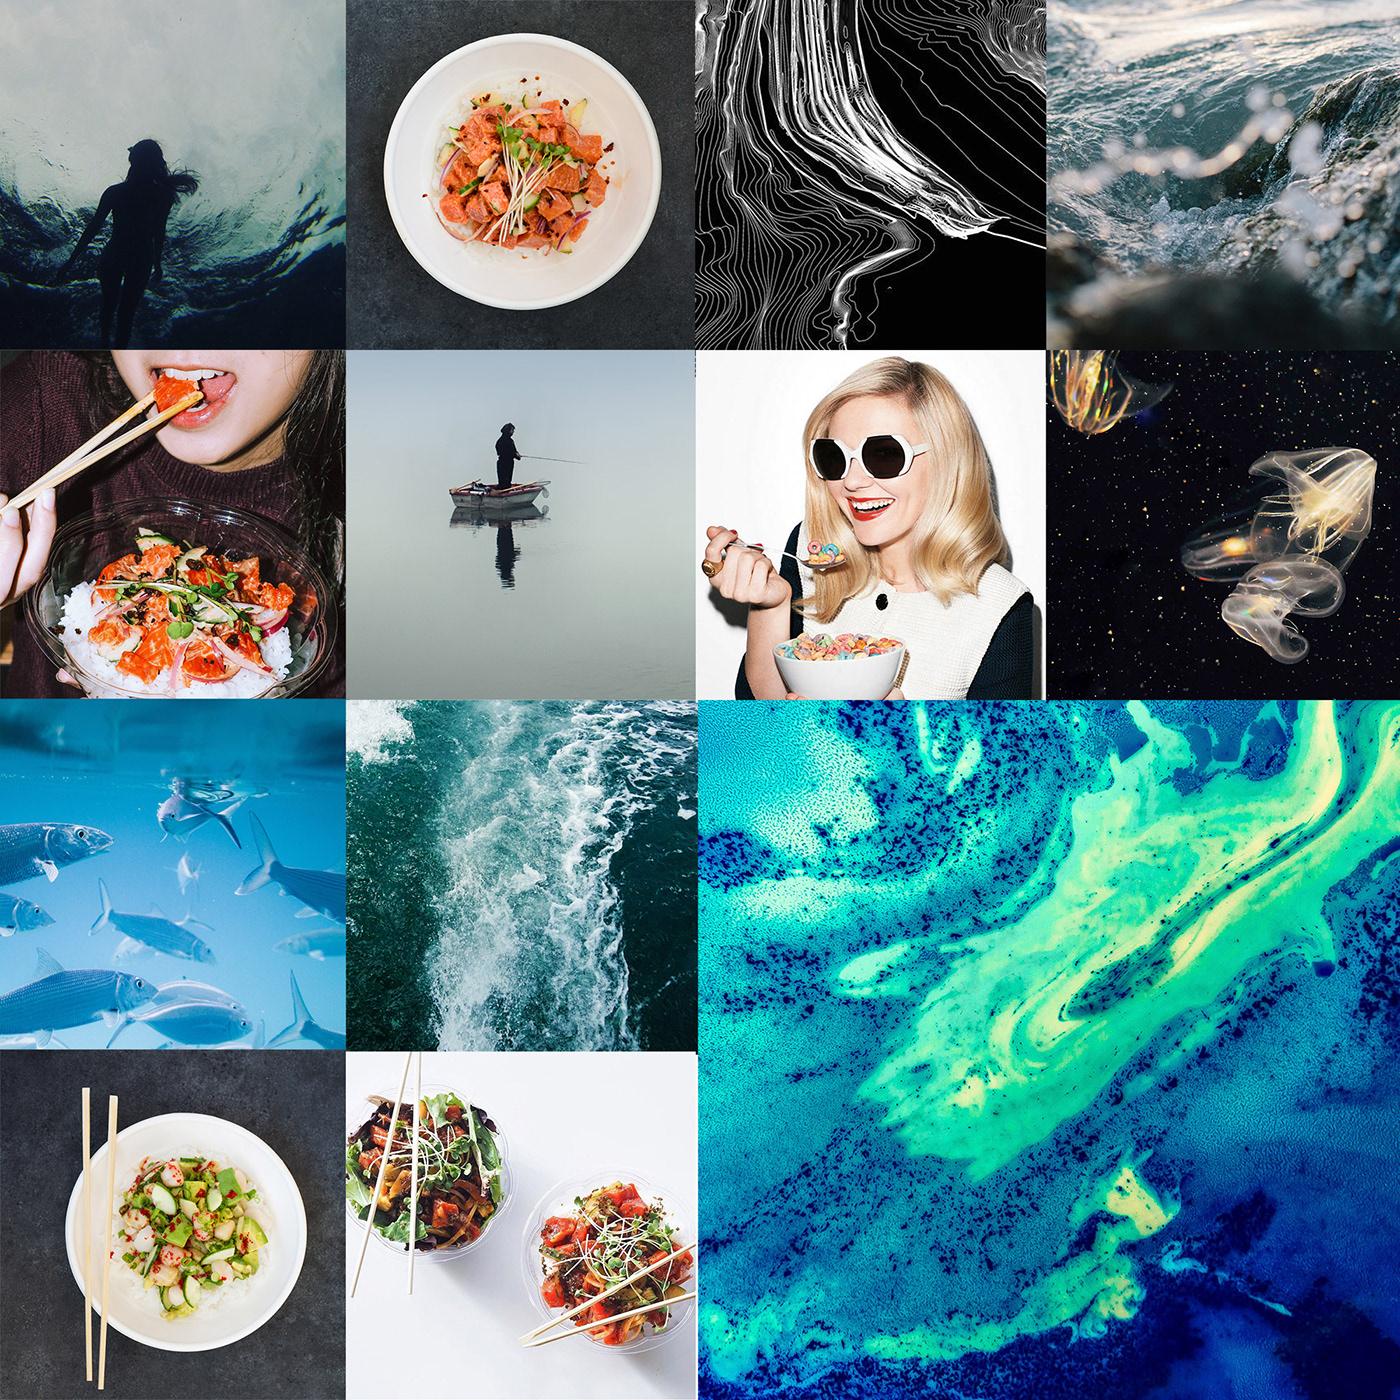 Sustainability Food  beverage restaurant deli fish poke Sushi lifestyle take away